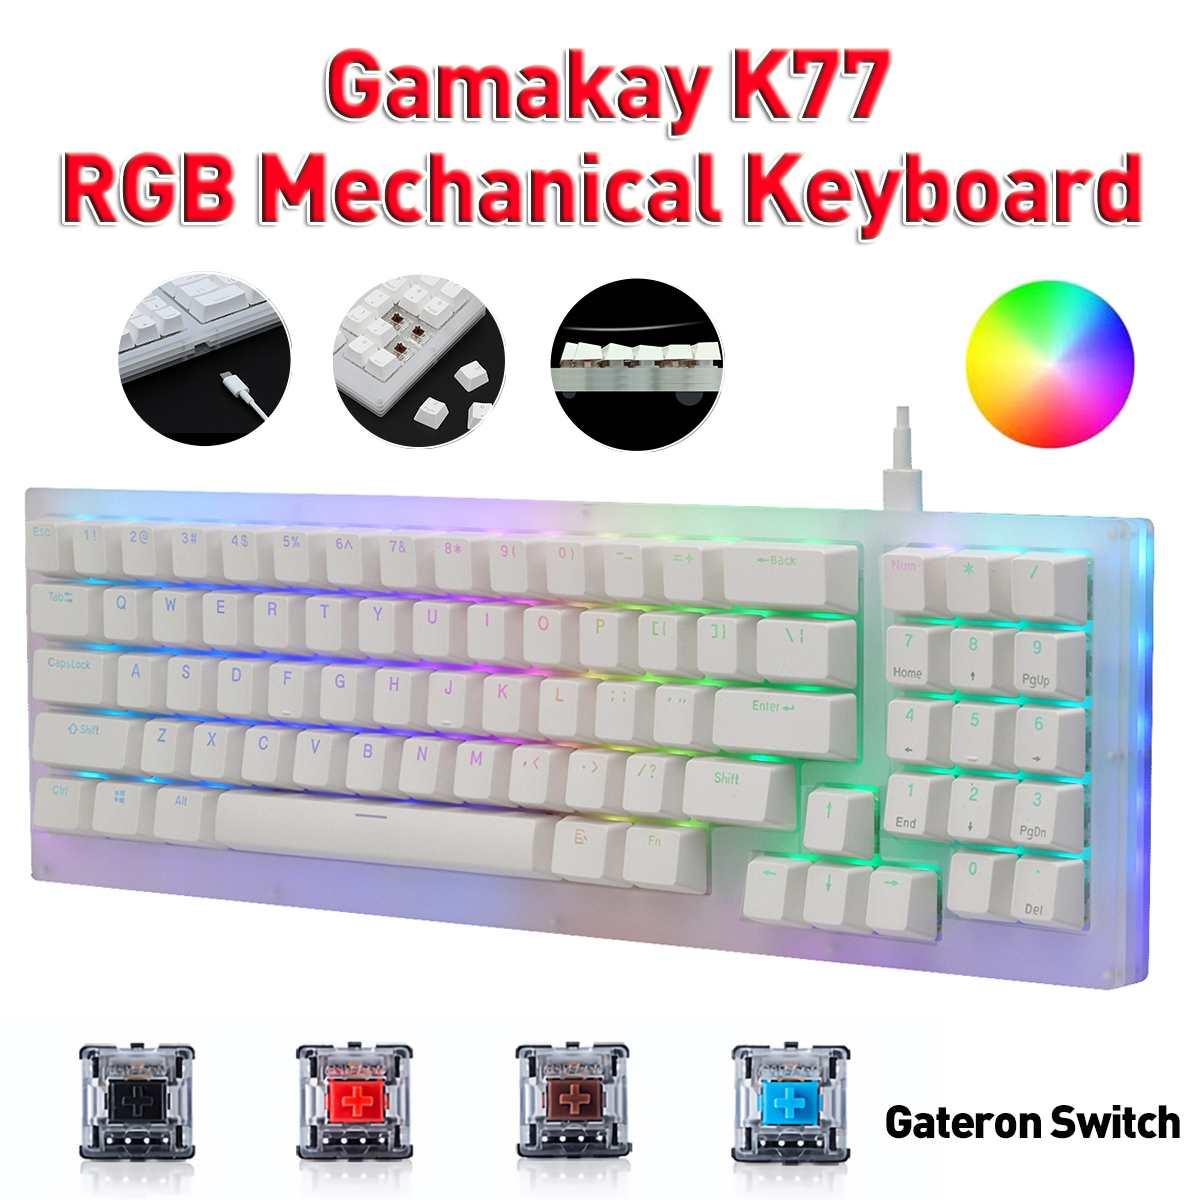 لوحة مفاتيح الألعاب الميكانيكية Gamakay K77 77 مفاتيح قابلة للتبديل مزودة بمفتاح Gateron سلكي RGB Tyce-C قاعدة زجاجية شفافة 32K ROM